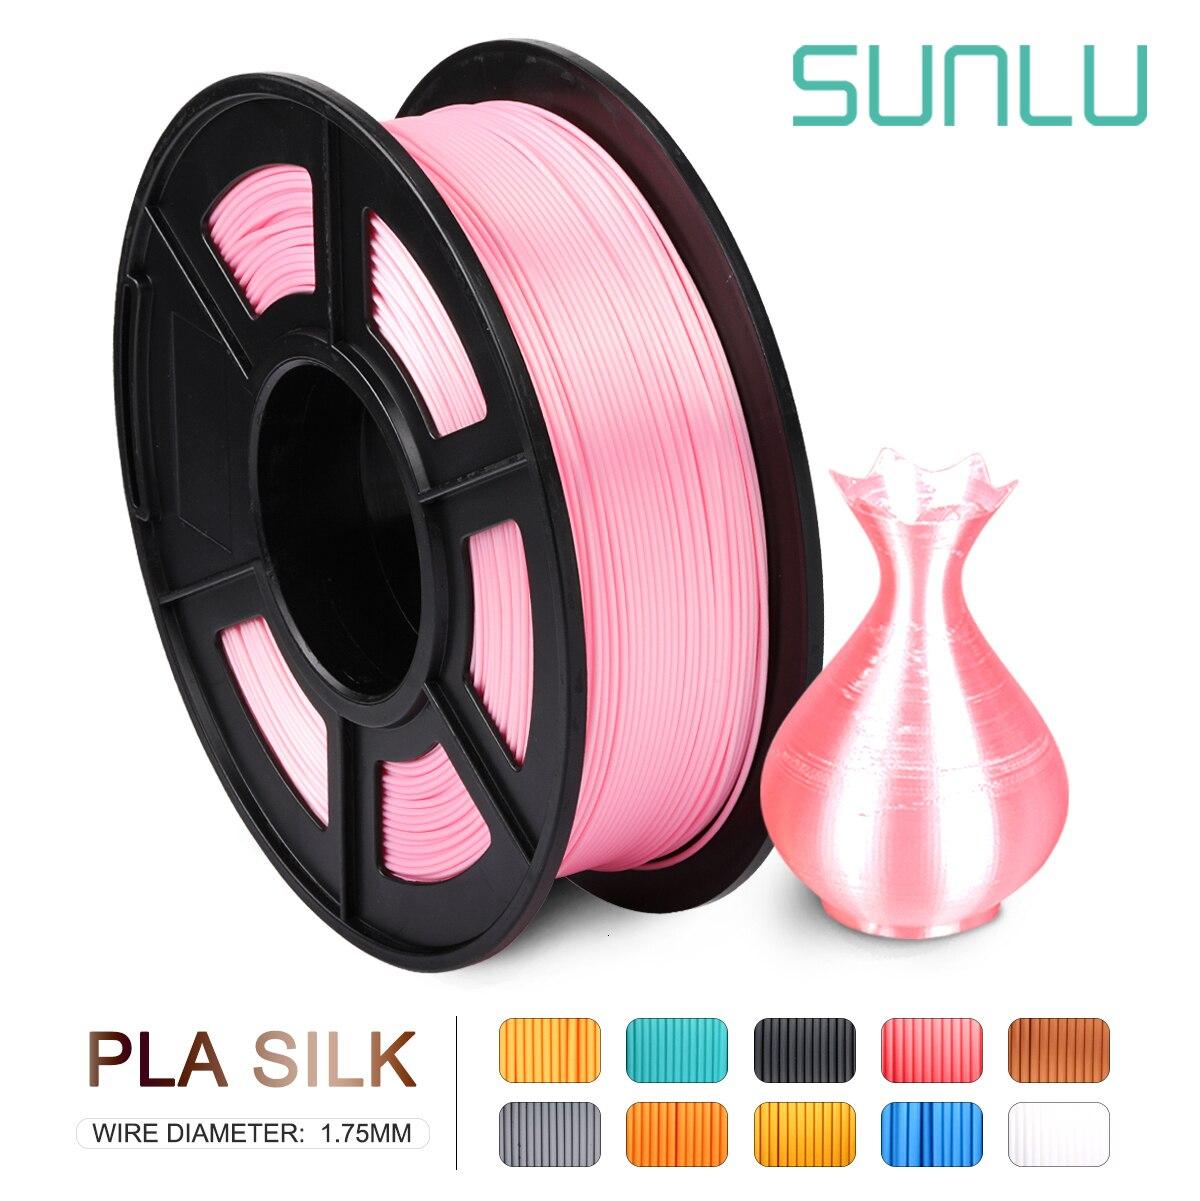 PLA SILK Filament Pink 1kg 2.2 lbs 1.75mm Per Roll 3D Printer Filament DIY For 3D Pen Refills Biodegradable Material